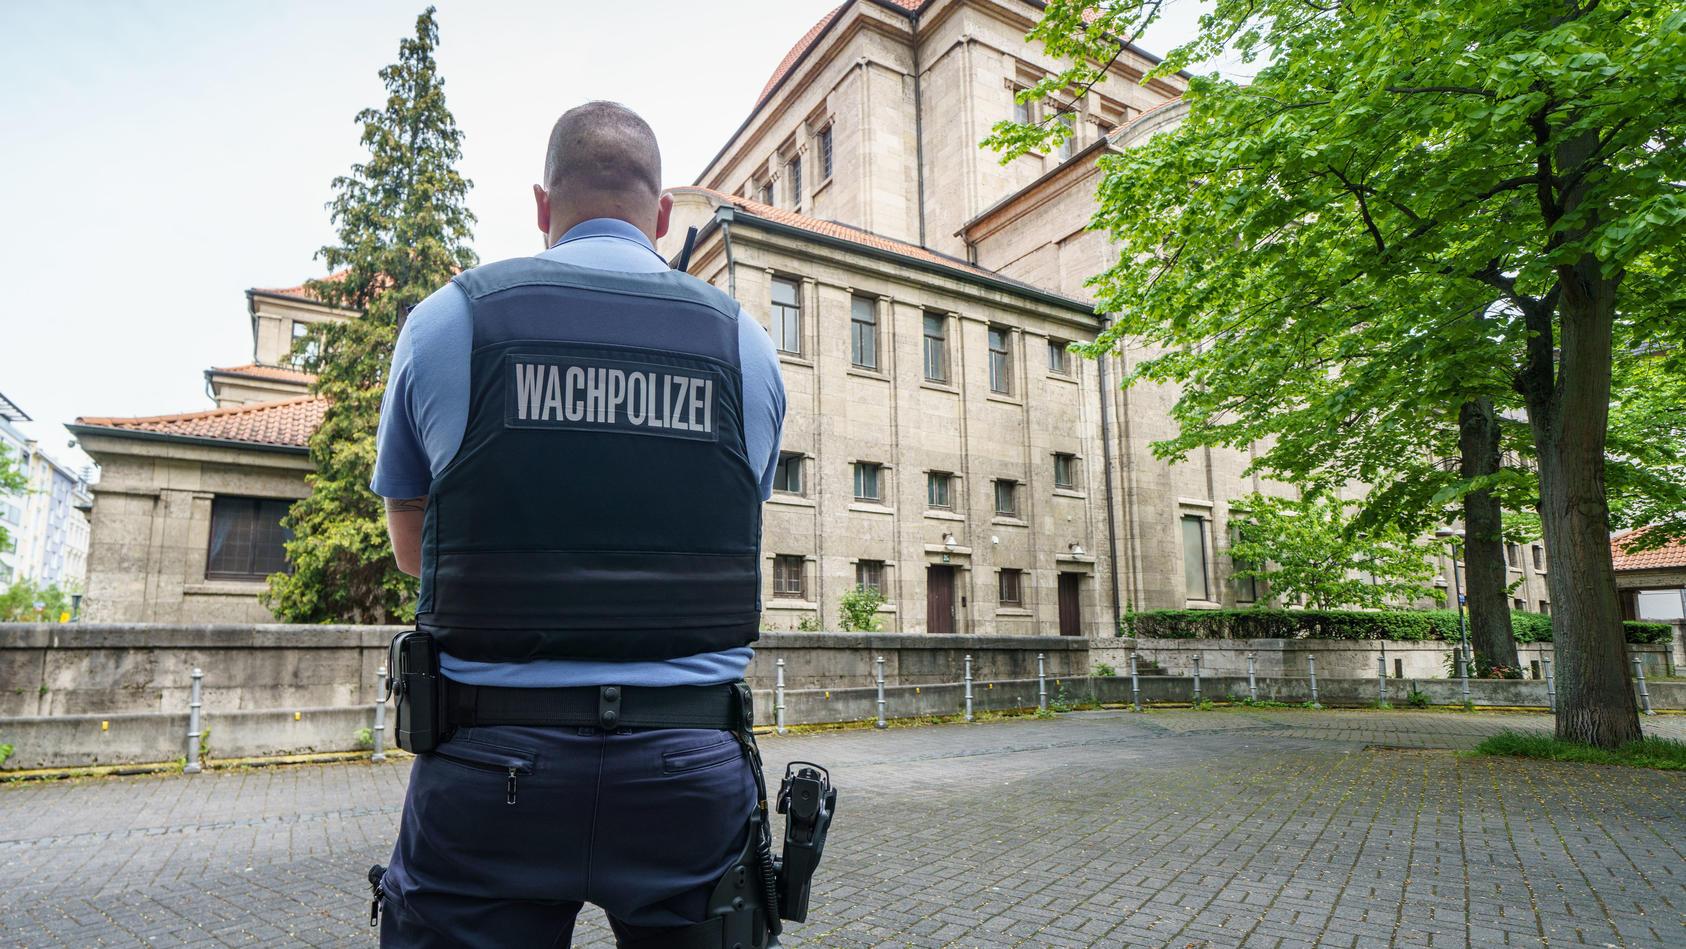 Ein Beamter der Wachpolizei steht vor der Synagoge im Frankfurter Westend. In der Nacht waren vor zwei Synagogen in Nordrhein-Westfalen israelische Flaggen angezündet worden.   Quelle: dpa/ Frank Rumpenhorst